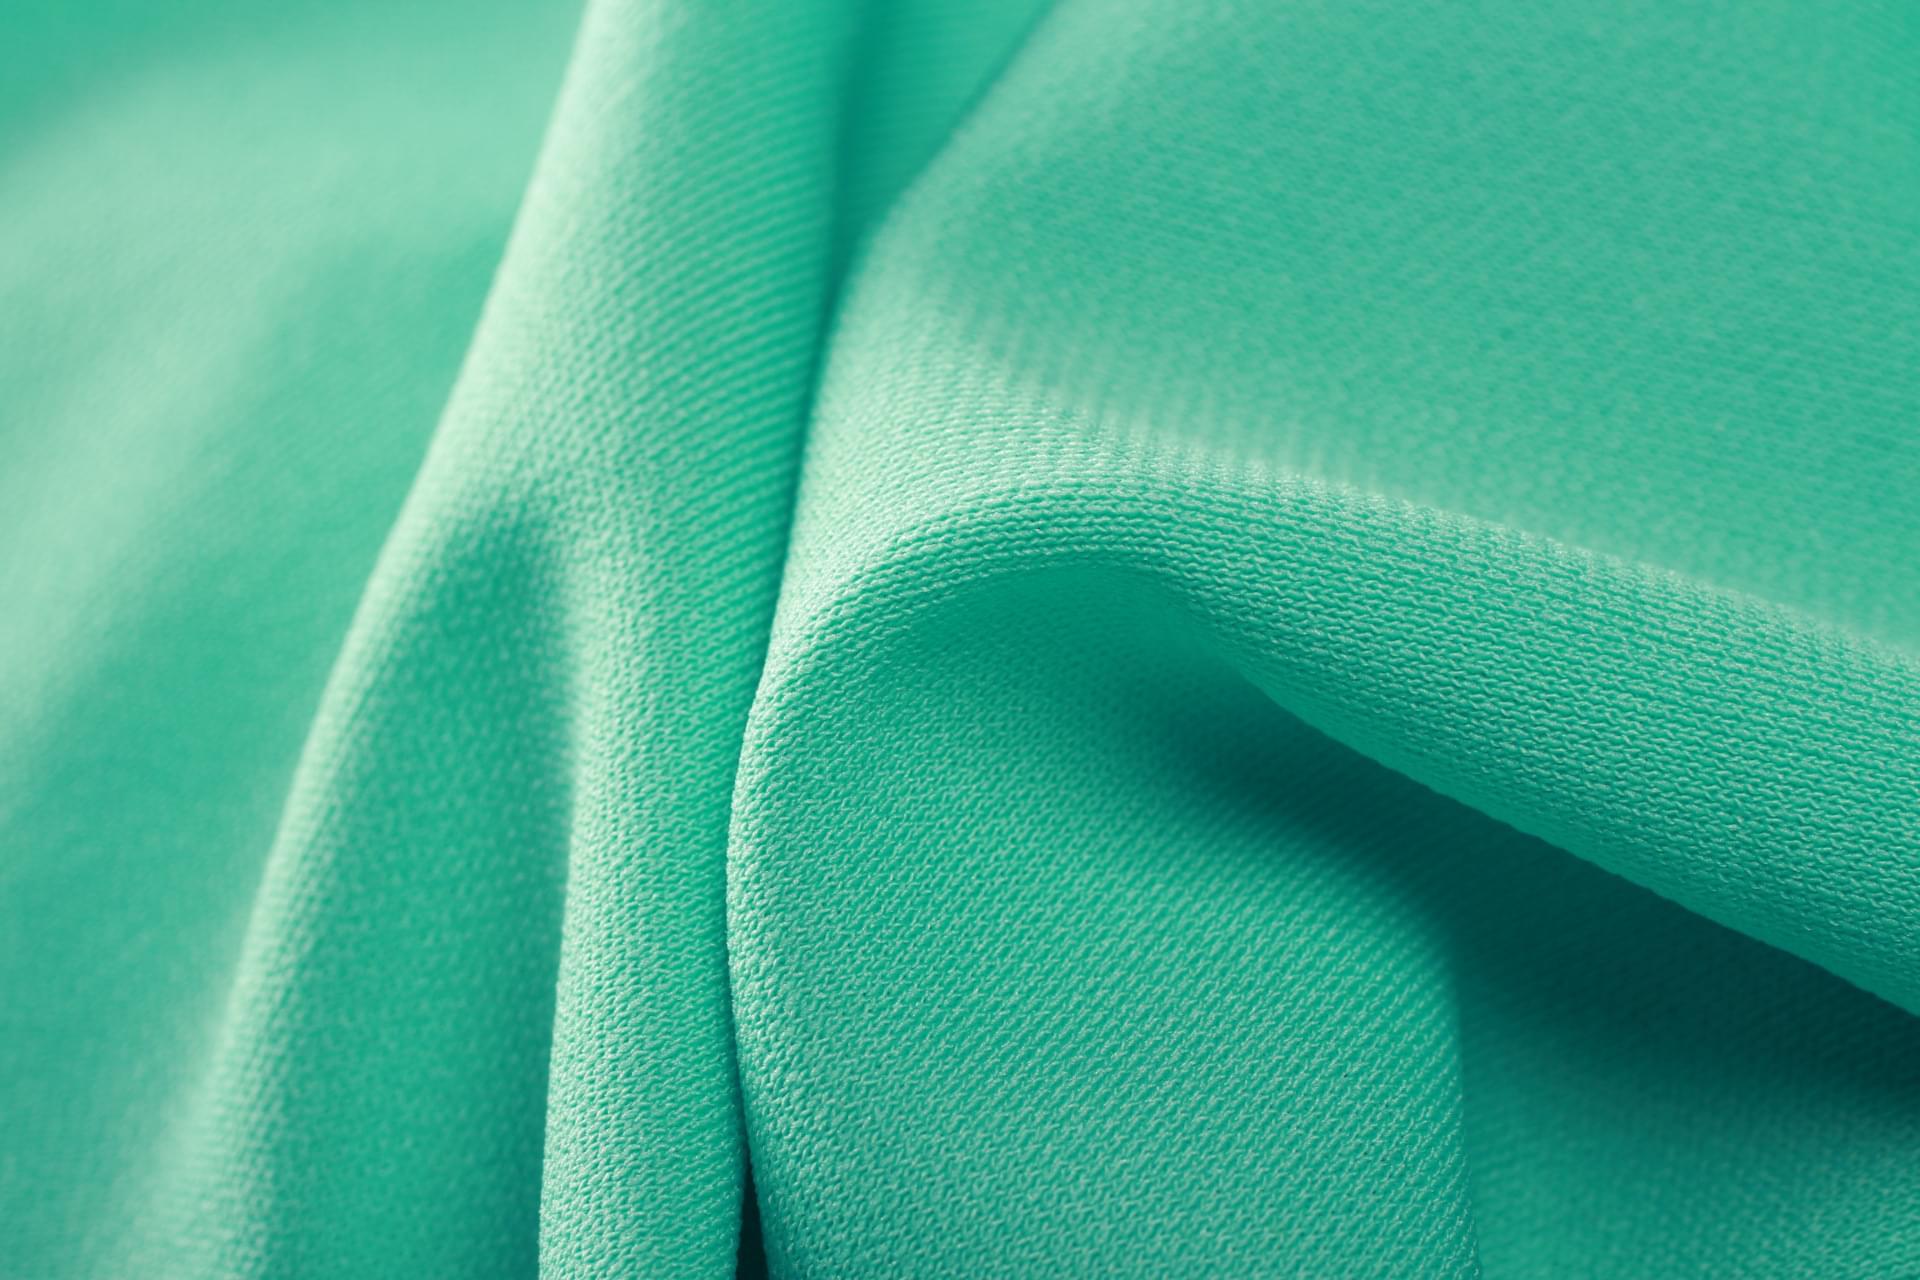 常用功能性针织面料的特点及用途 刘潭服装厂为您解析